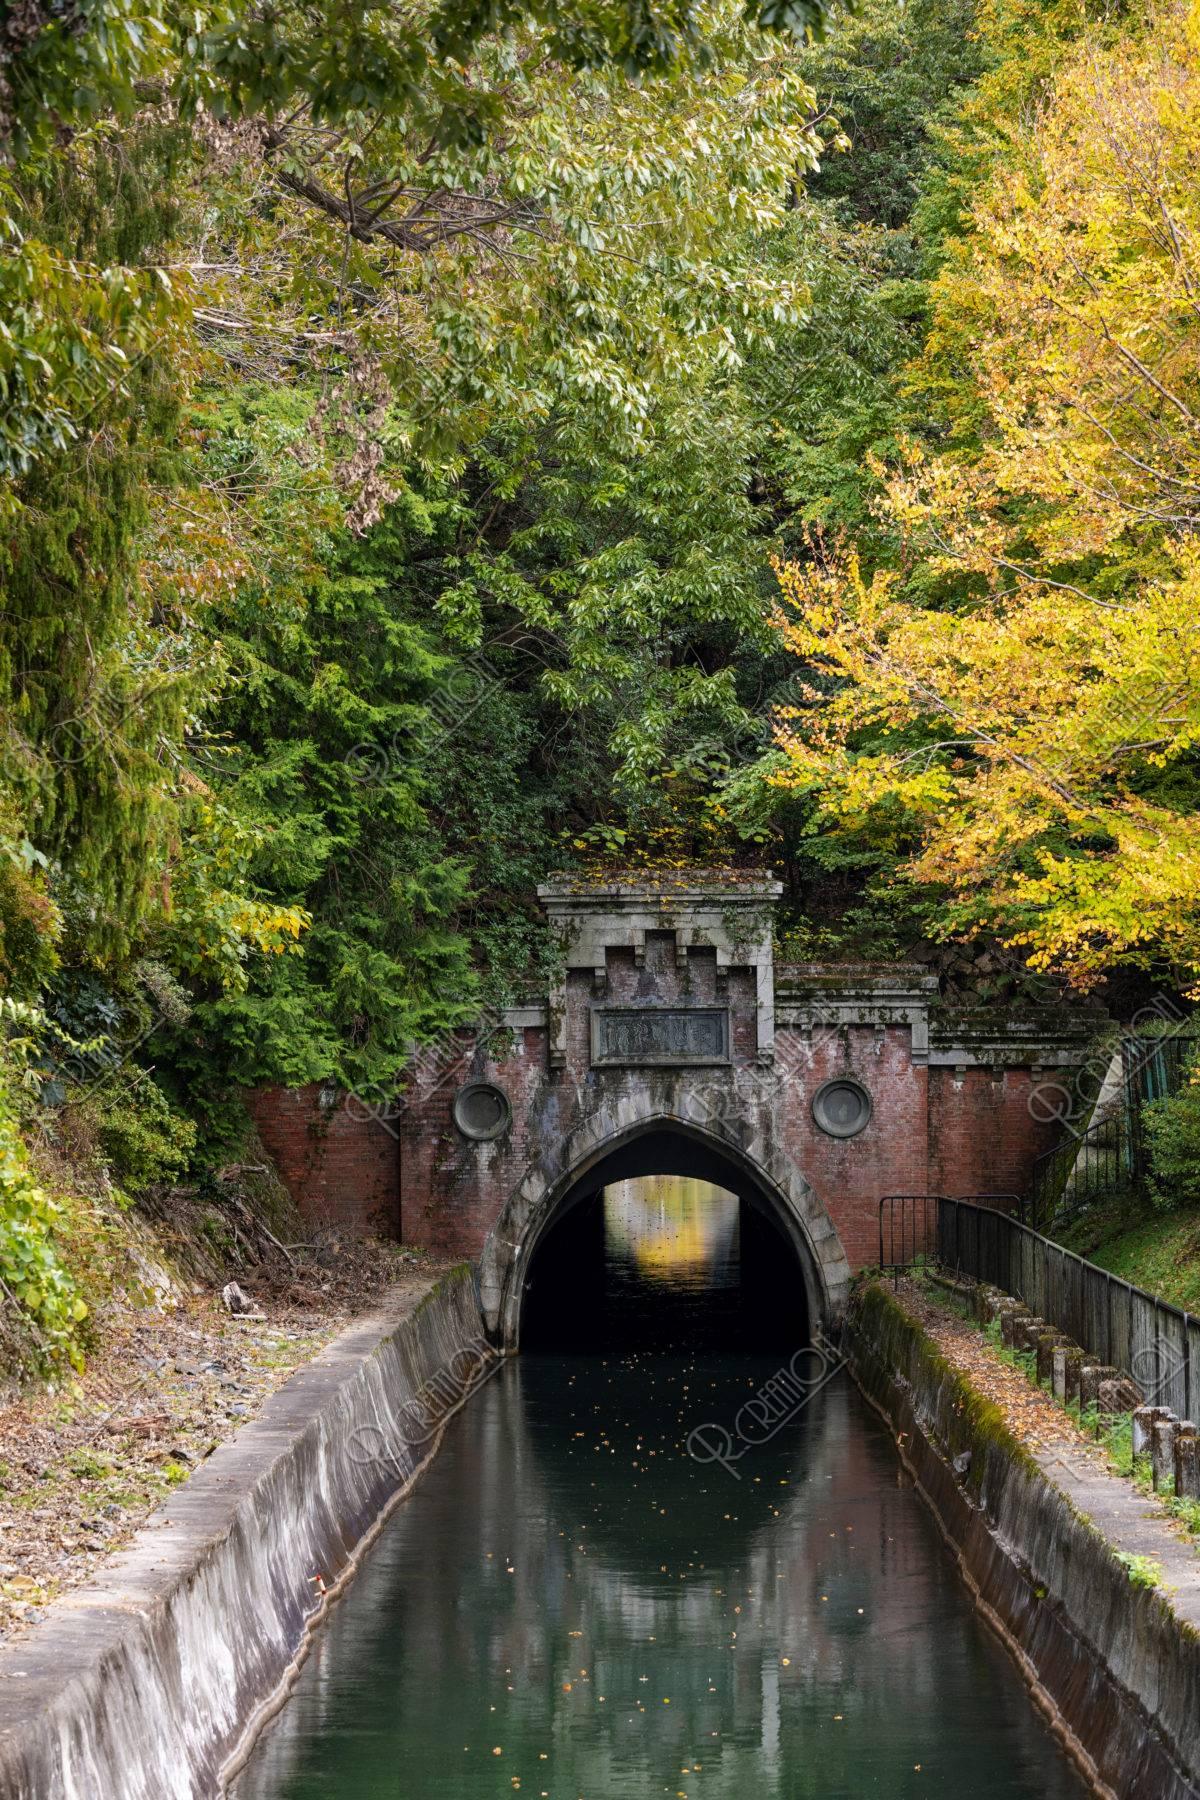 びわこ疏水 第2トンネル